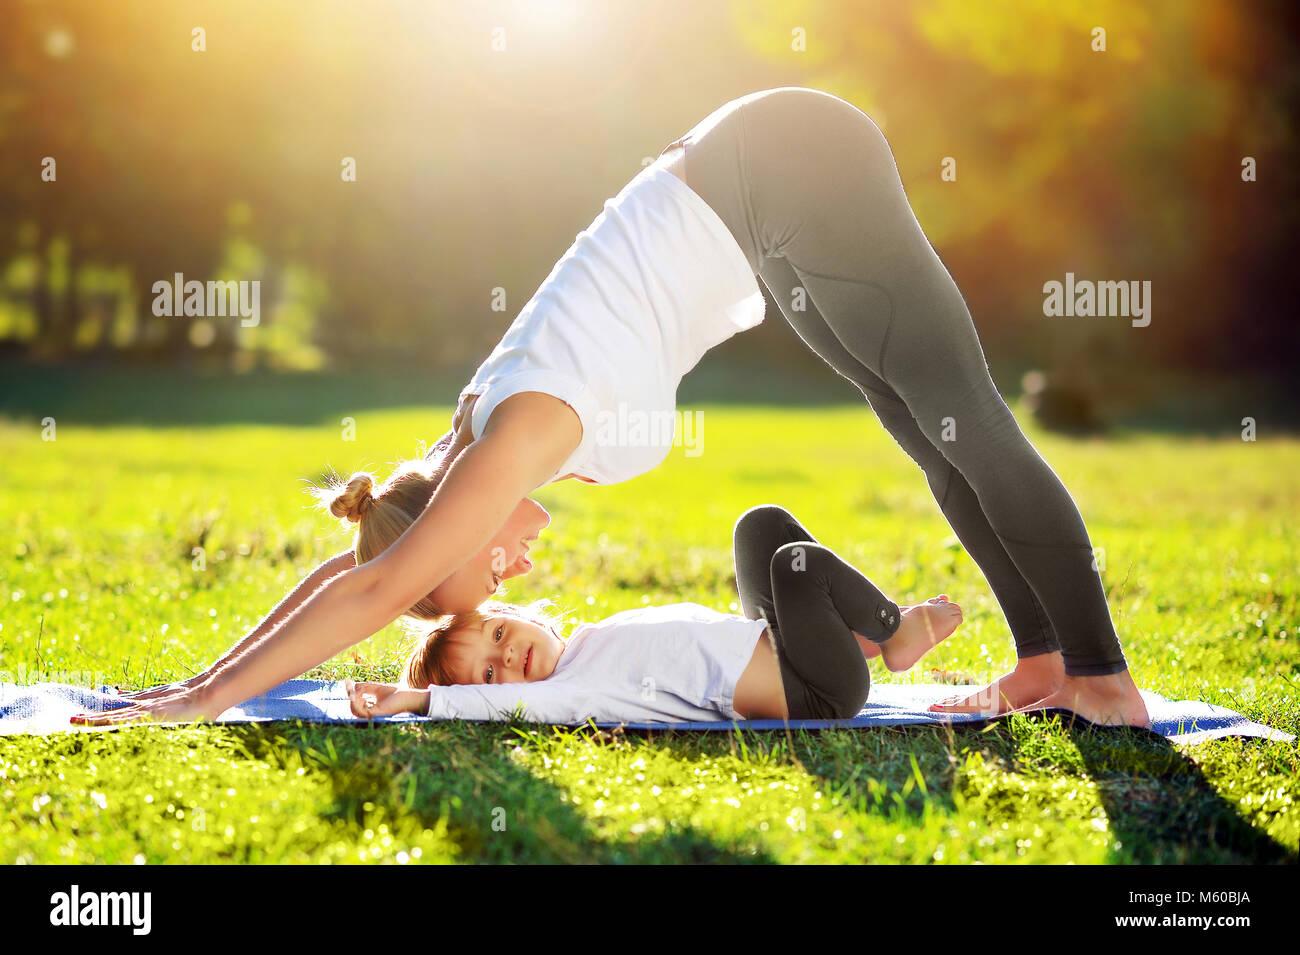 Madre la pratica di Cane con la testa in giù lo yoga pone giocando con sua figlia la posa sul tappetino Immagini Stock